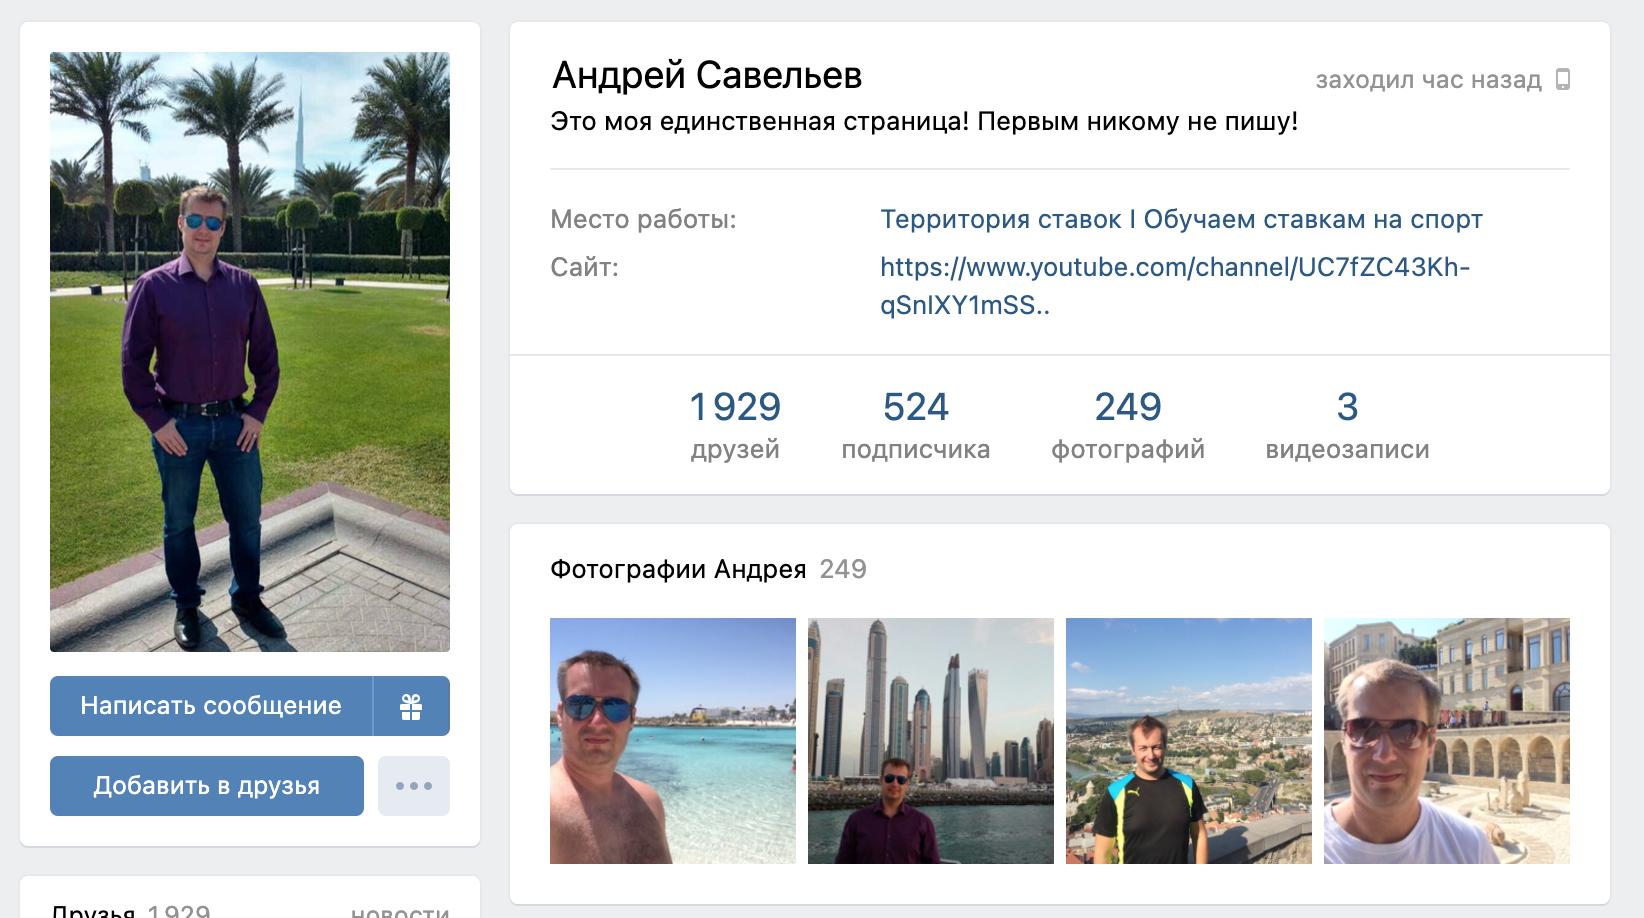 Личная страница Андрея Савельева